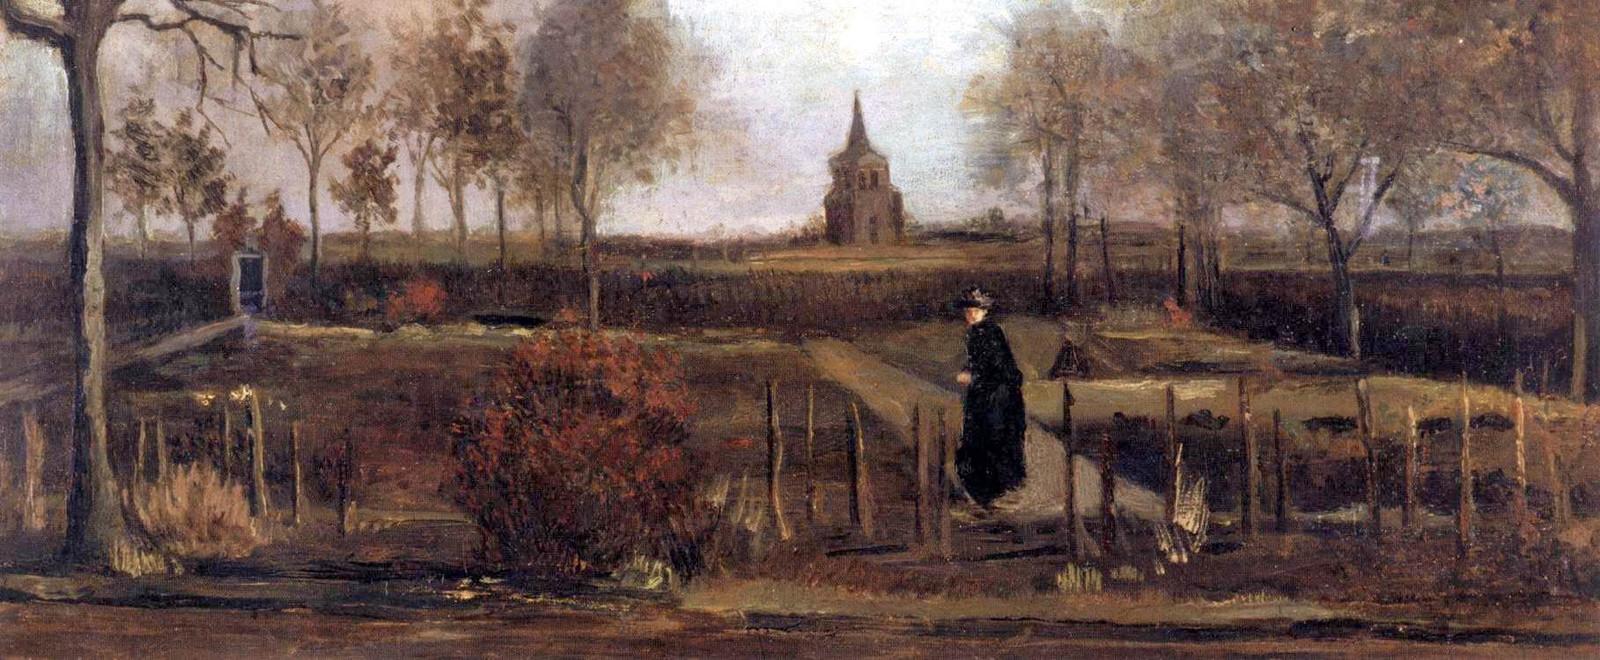 Lentetuin, de pastorietuin van Nuenen in het voorjaar, van Vincent van Gogh. Het doek is nog niet terecht.